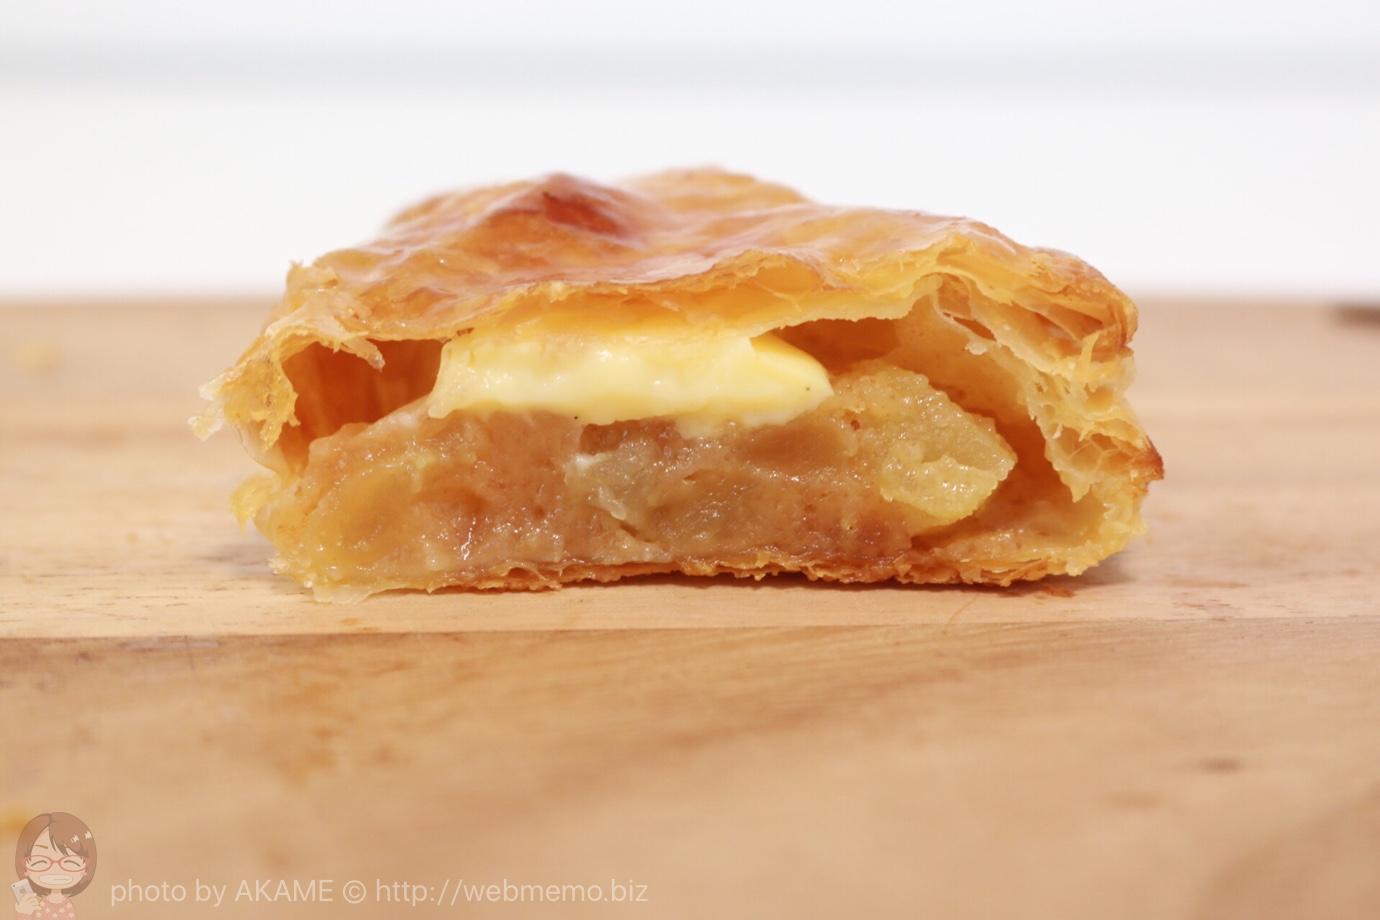 アップルパイの断面